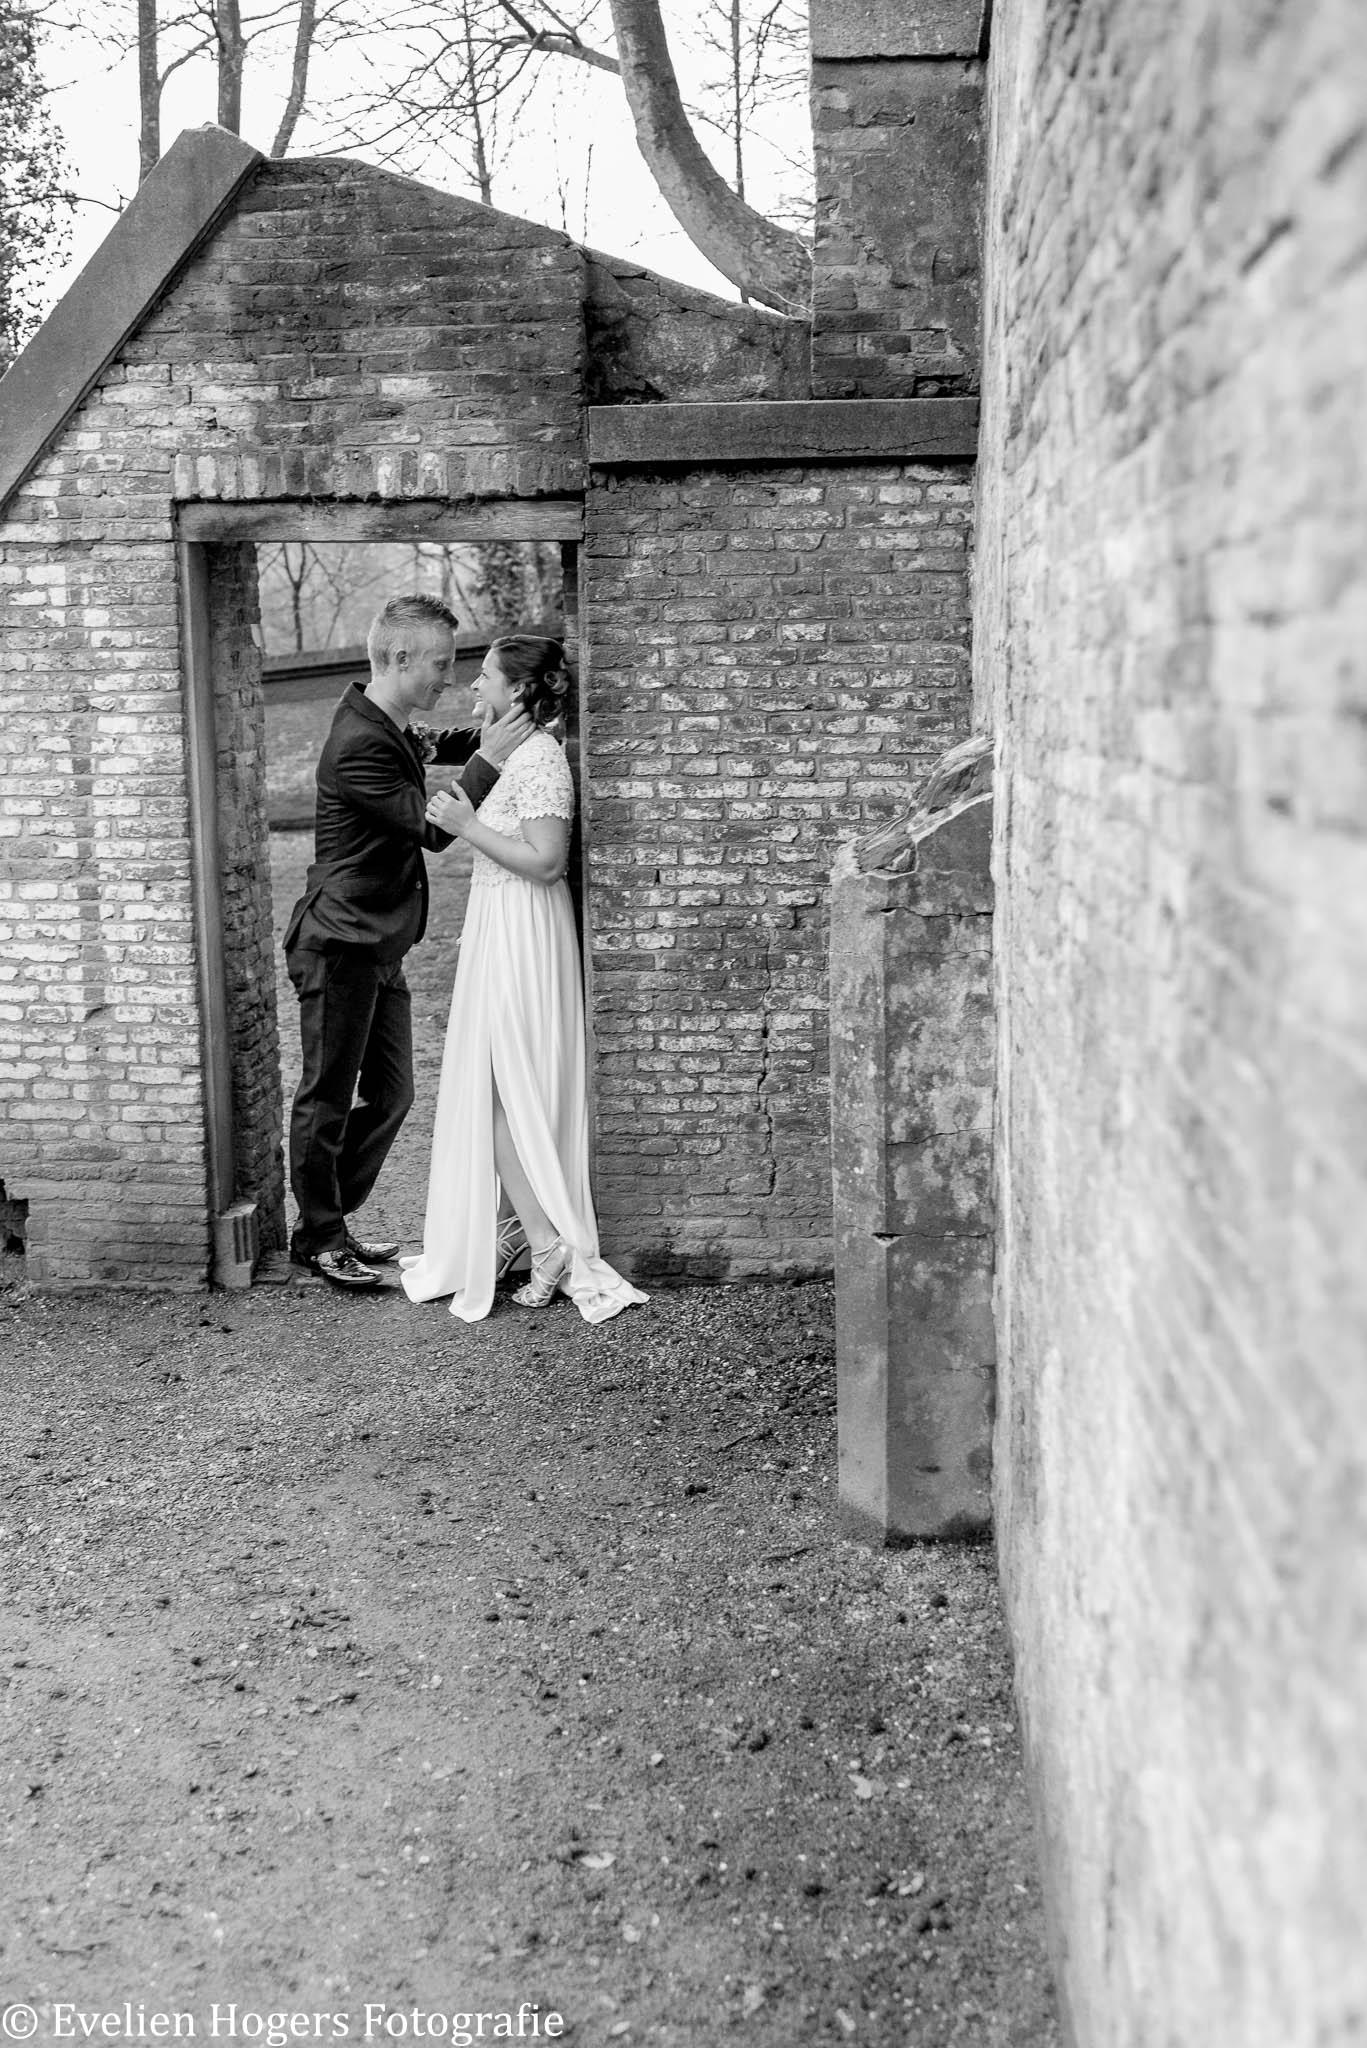 Estate_wedding_Metwatermerk-95.jpg